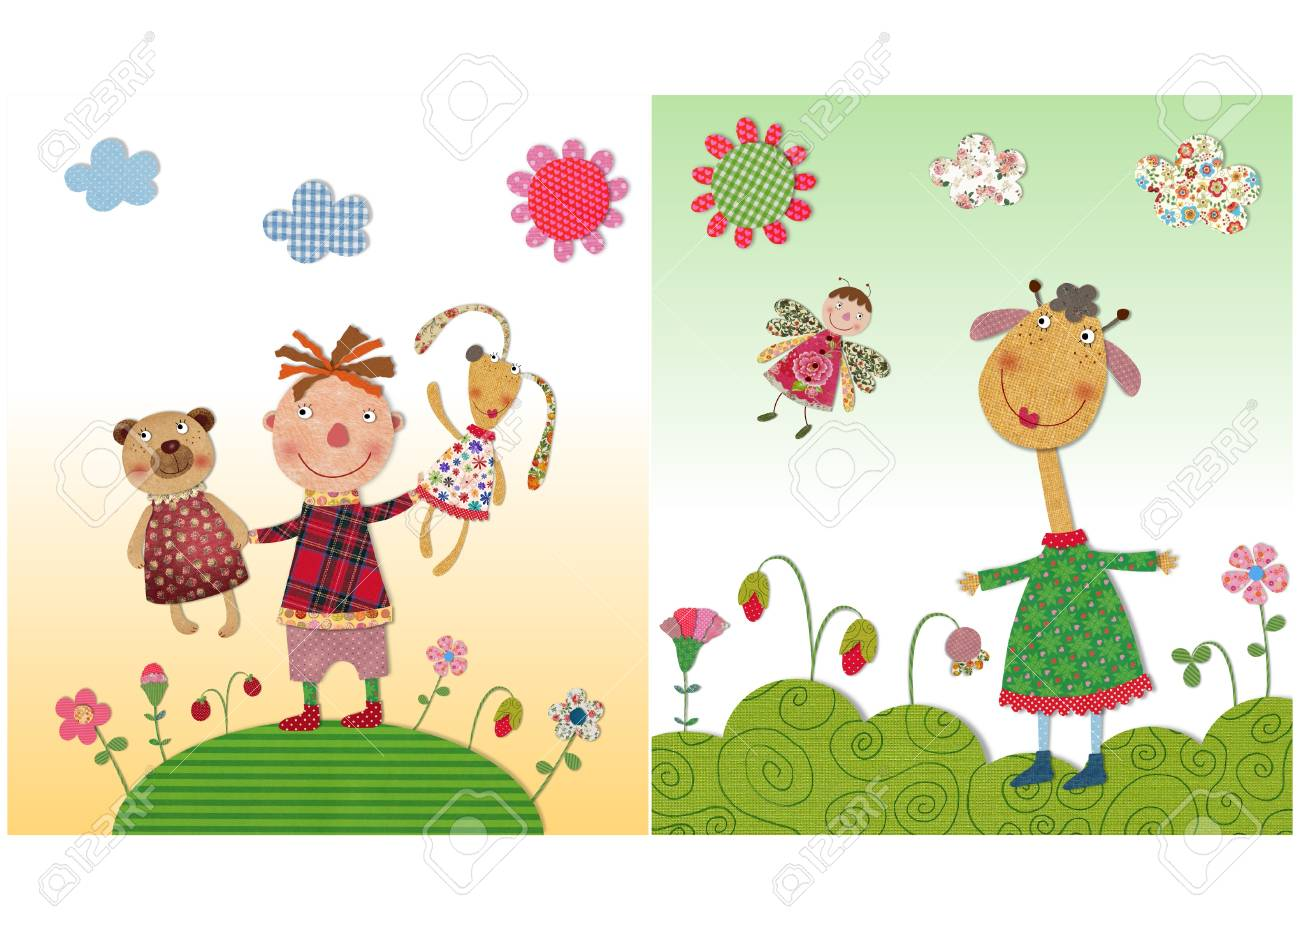 子供向けイラスト の写真素材画像素材 Image 24991627